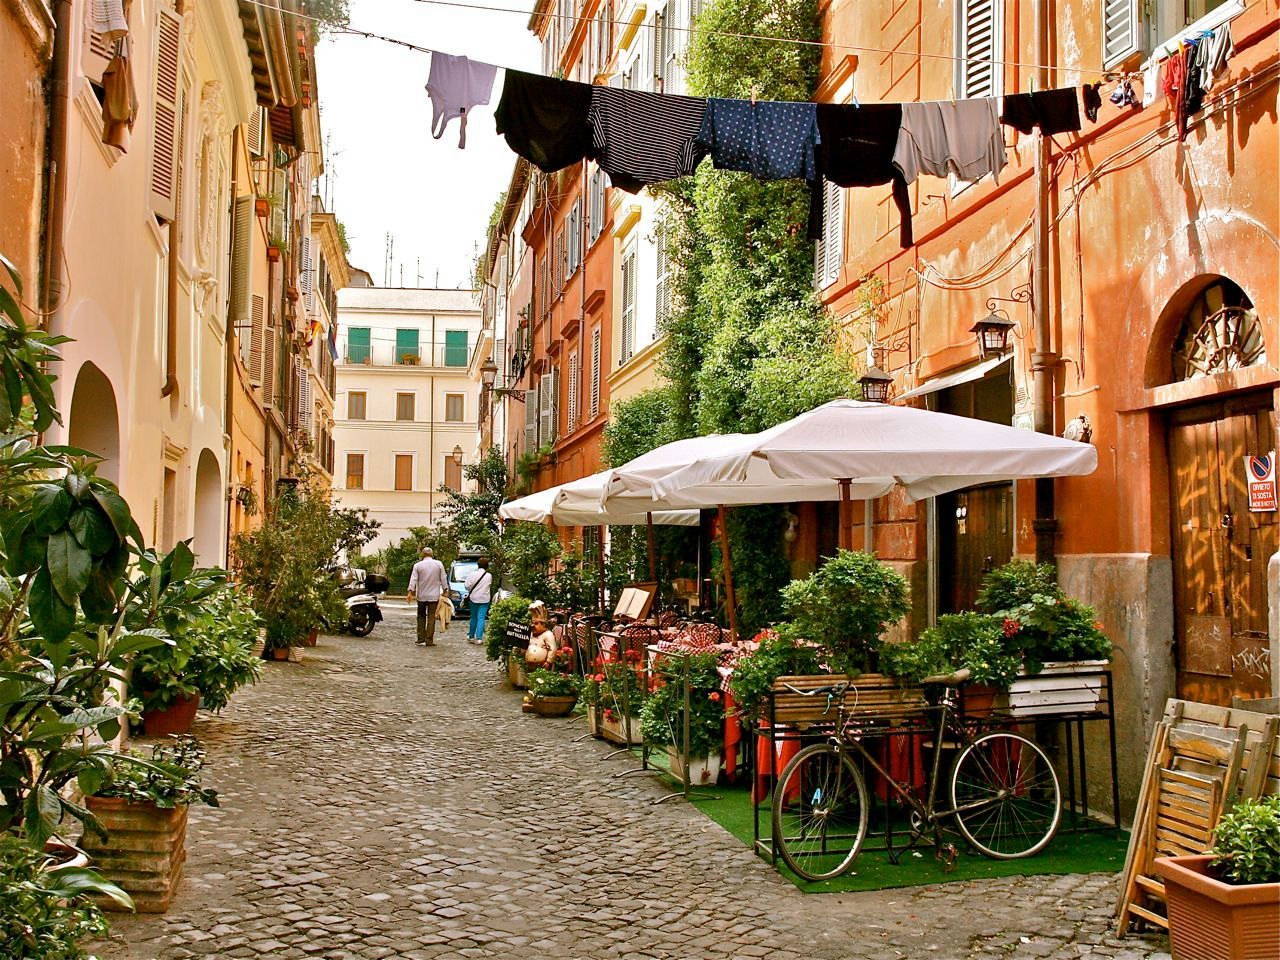 El barrio Trastėvere con su aire bohemio...